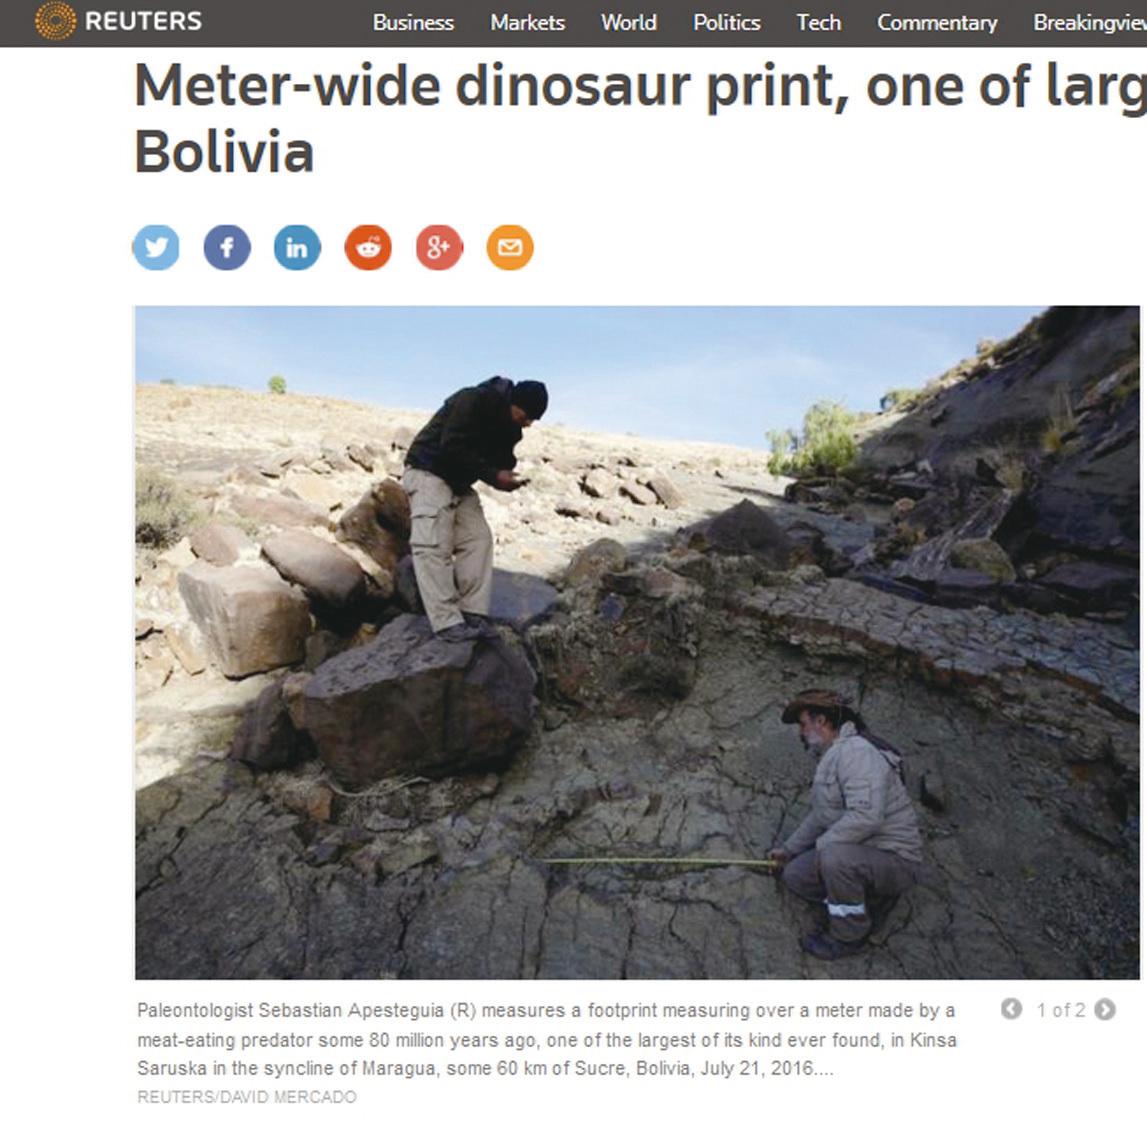 阿根廷古生物學家阿佩斯特吉亞(右)在玻利維亞發現史上最大的阿貝力龍腳印。(網頁截圖)